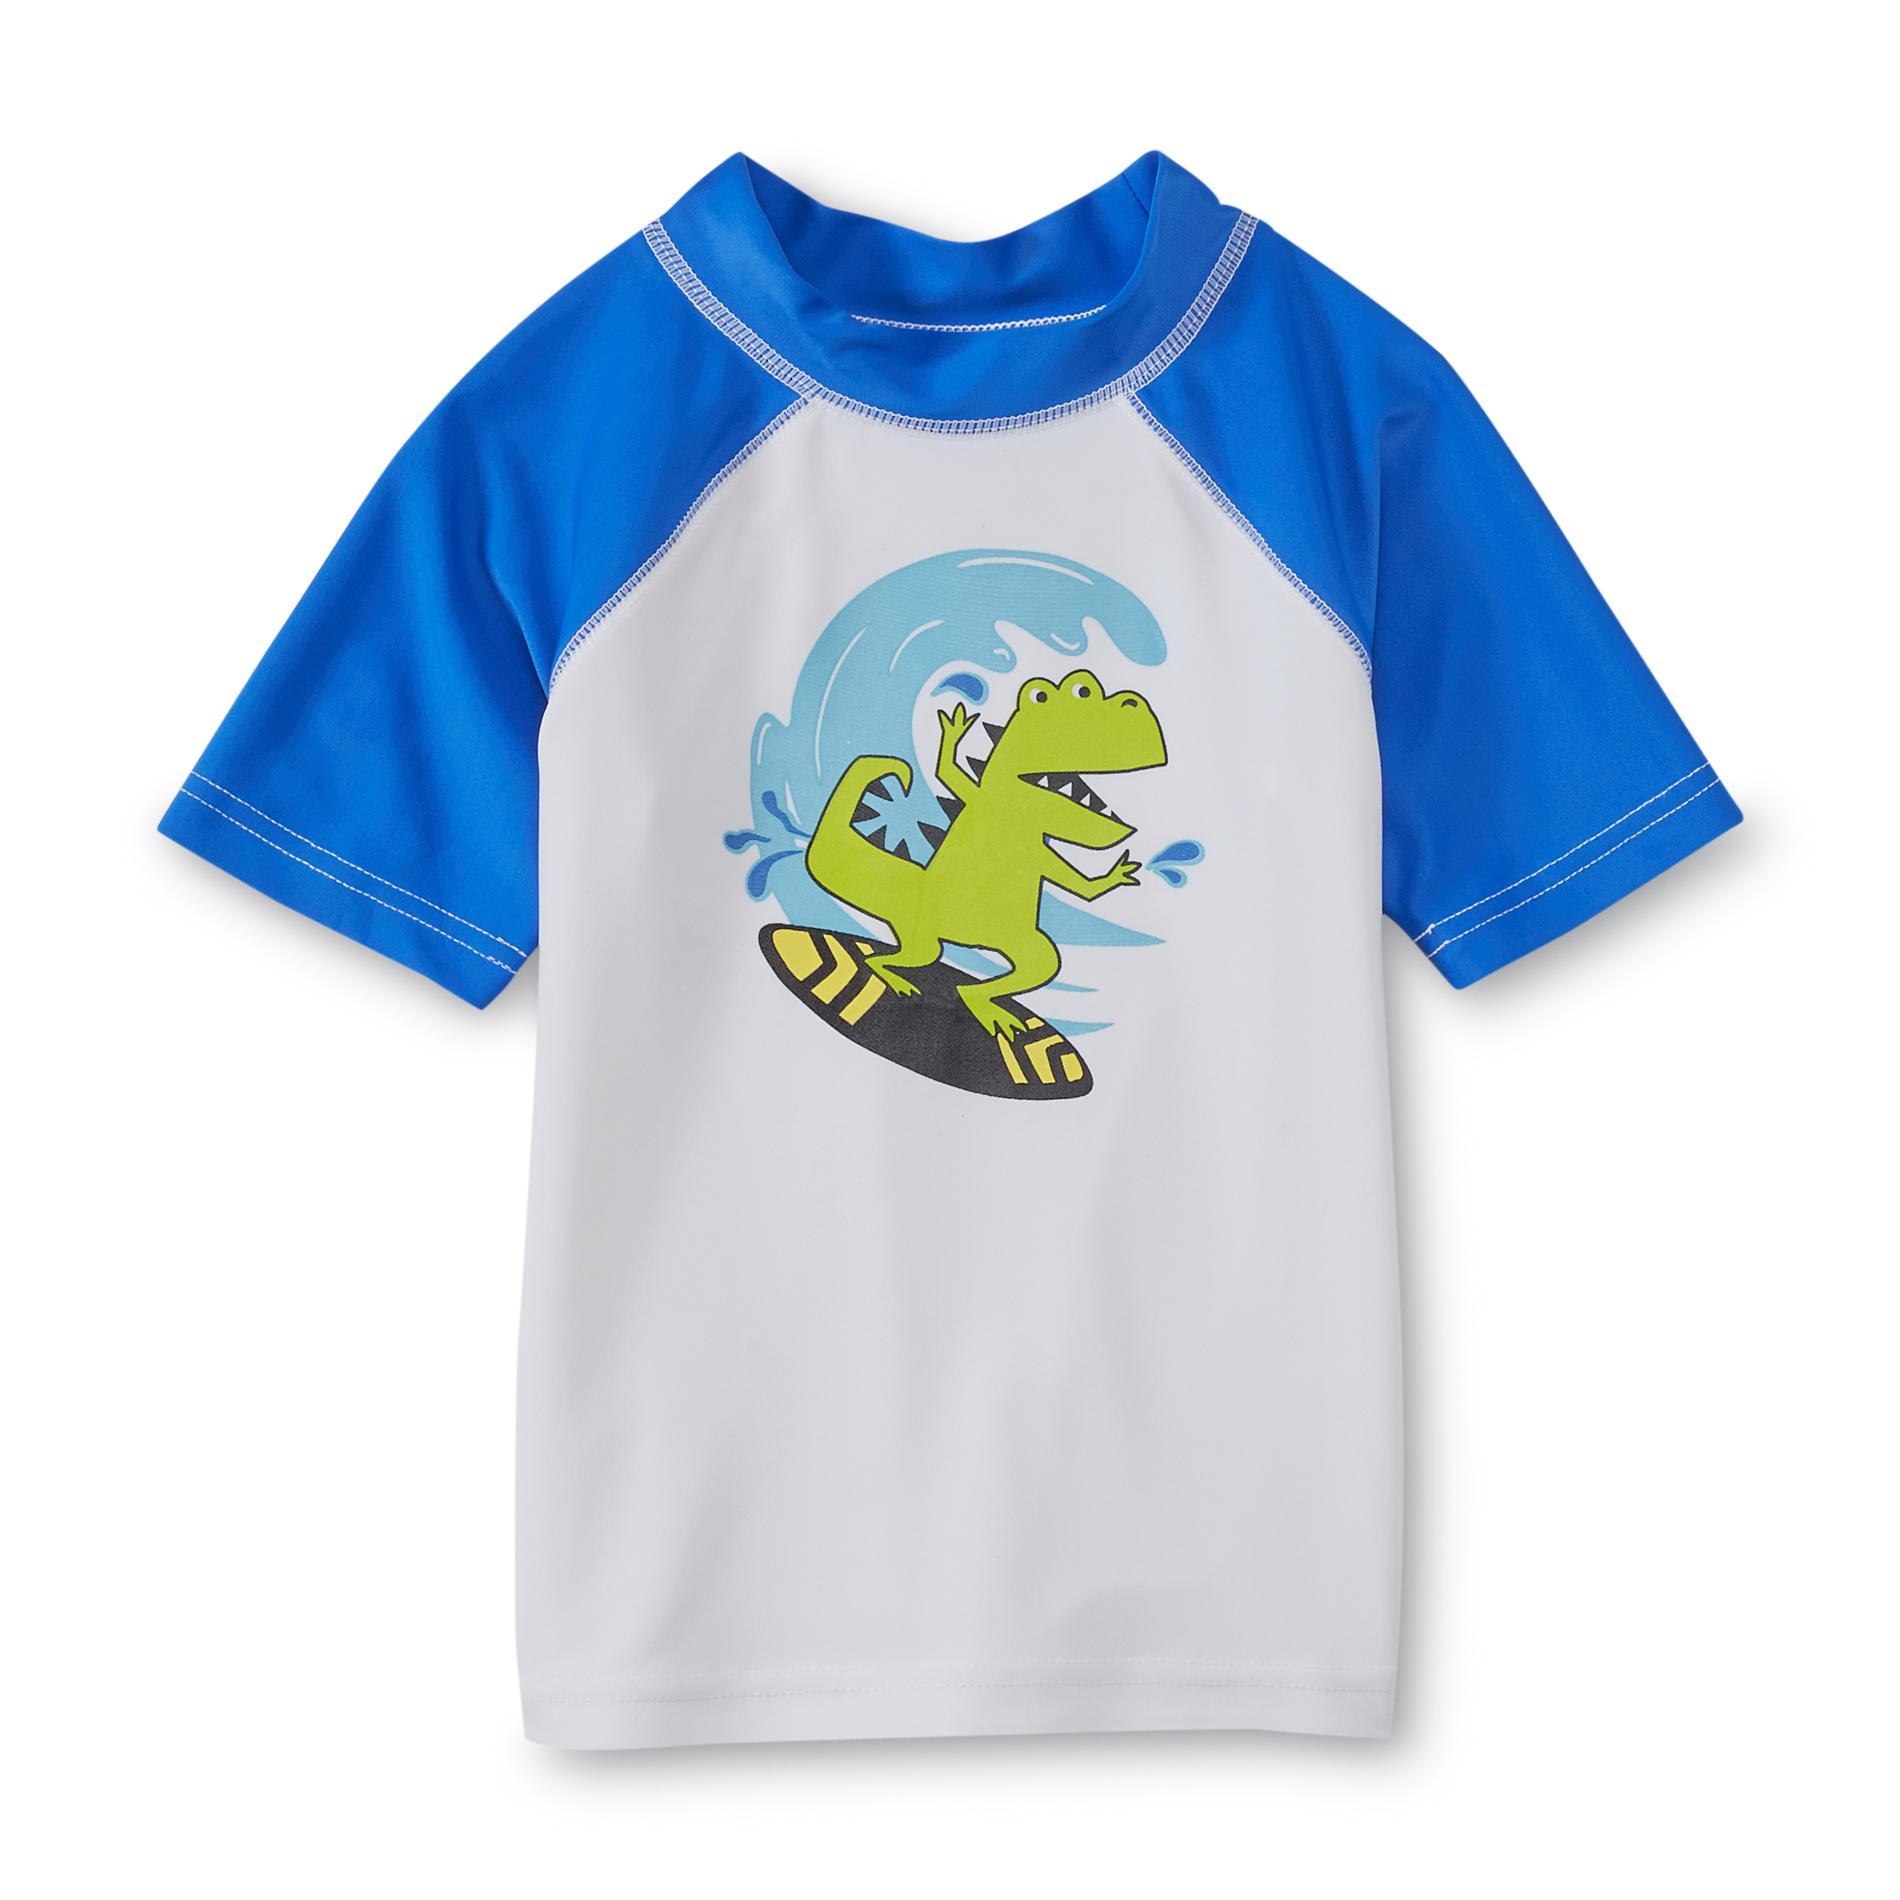 Infant & Toddler Boy's Rash Guard Shirt - Dinosaur